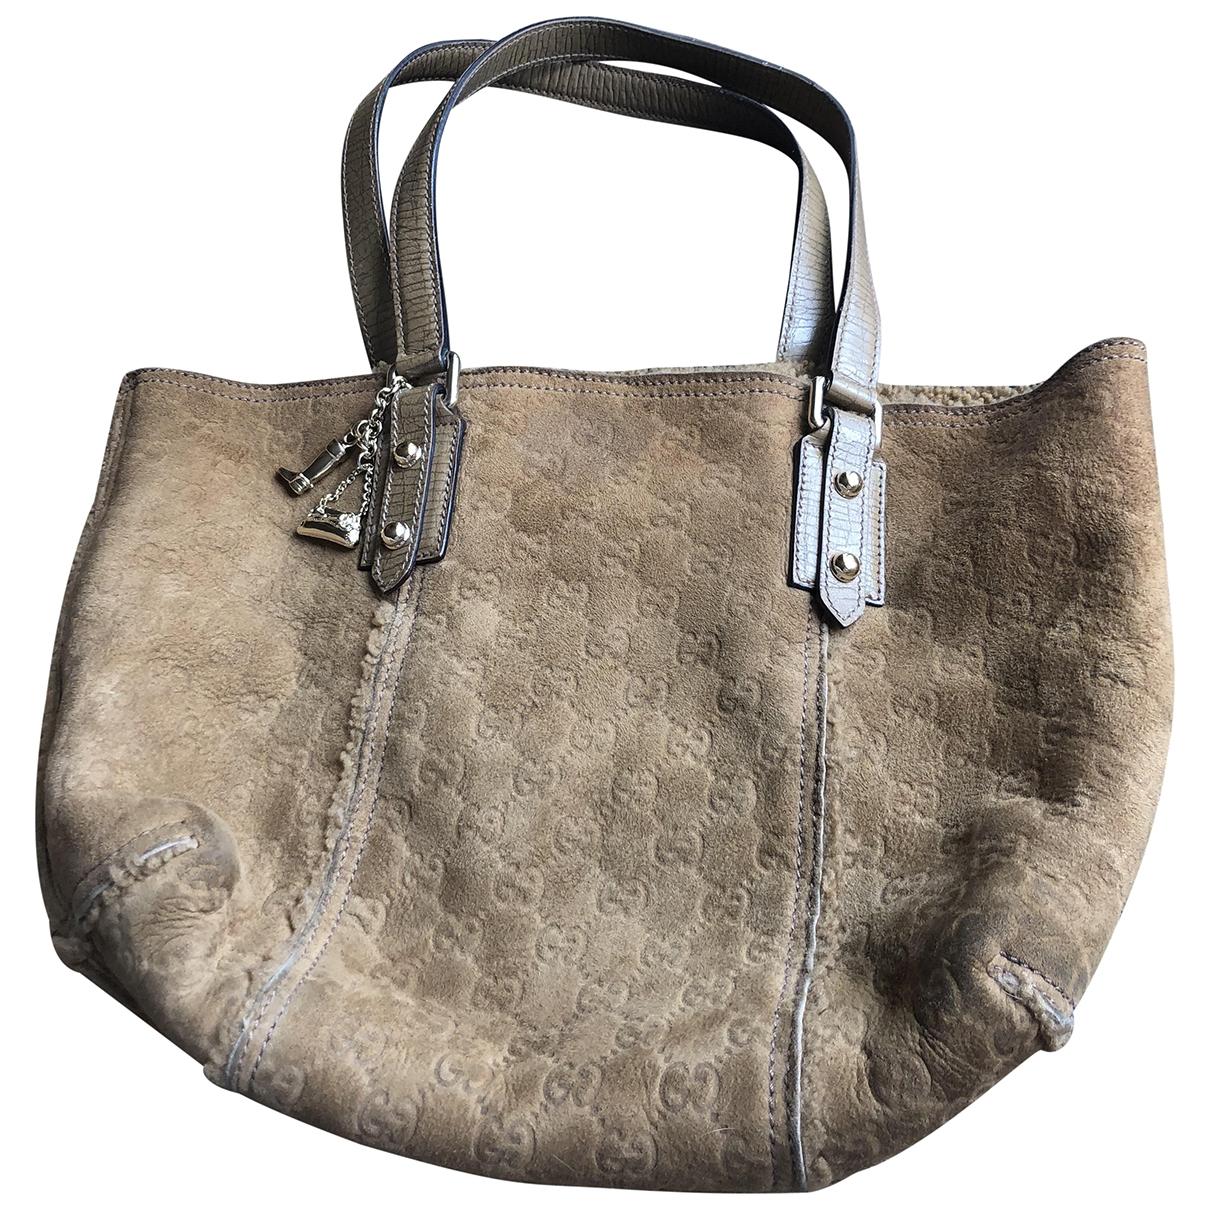 Gucci \N Handtasche in  Beige Schaf